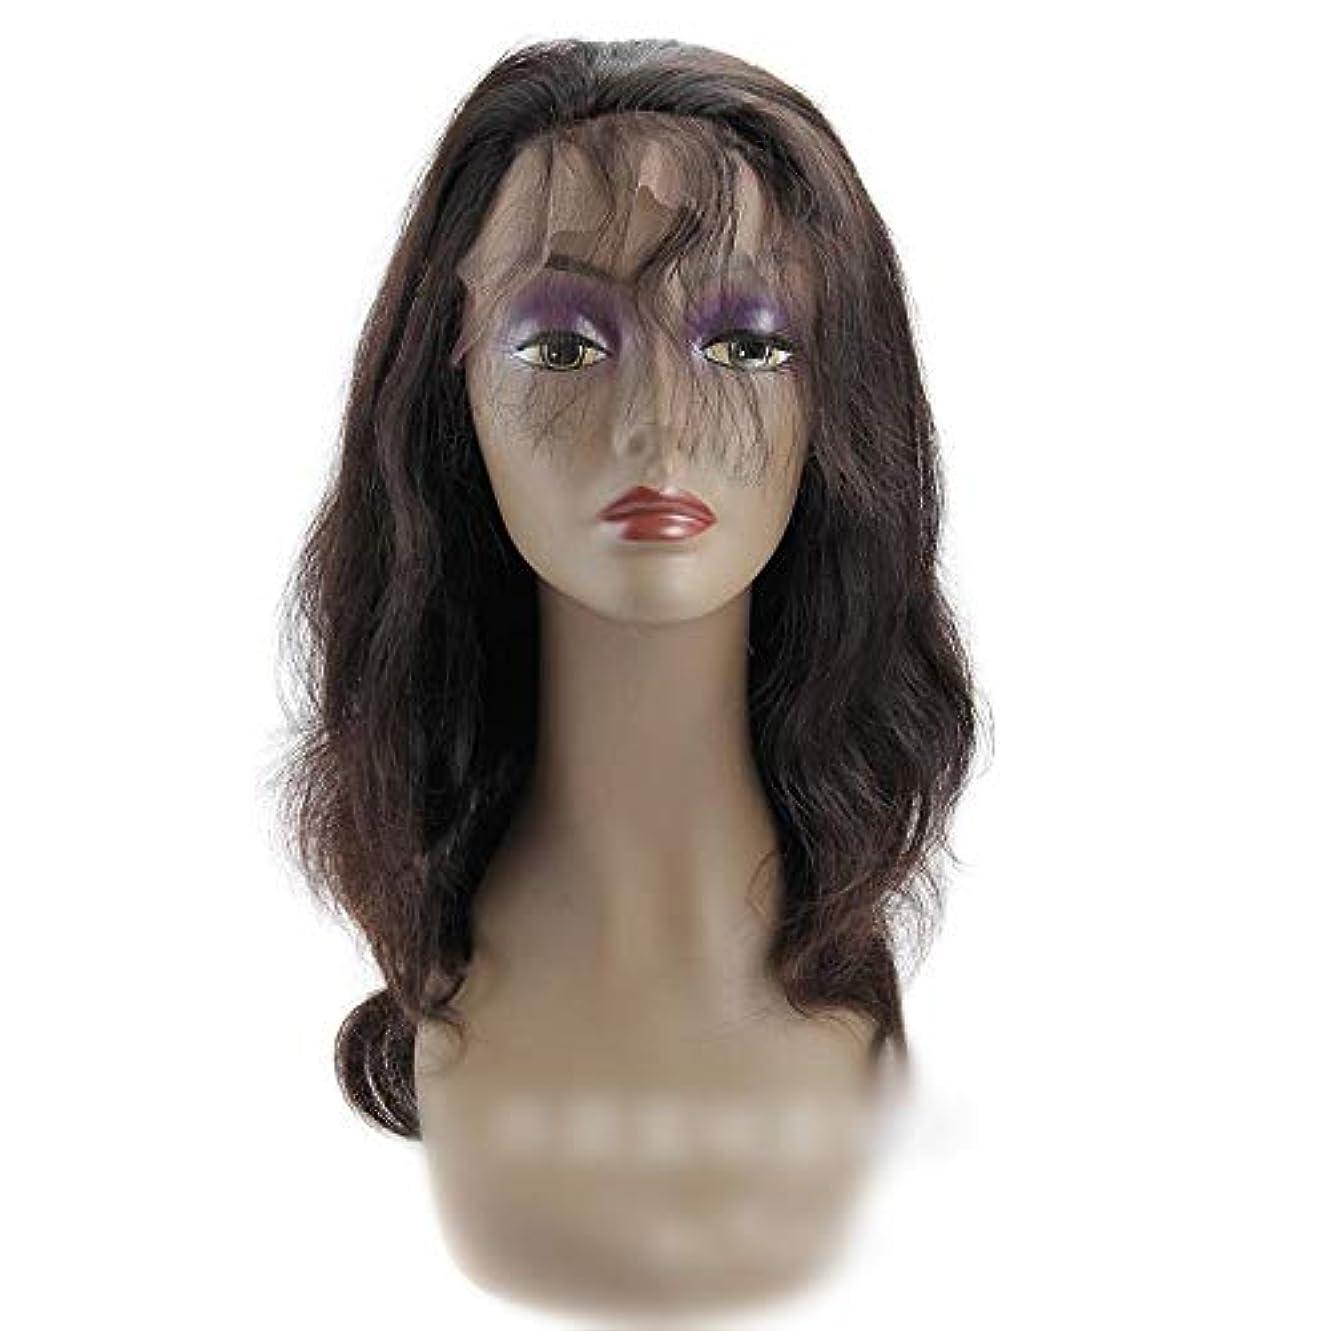 傑作アクセル将来のHOHYLLYA 360レース前頭かつらブラジルバージンヘアエクステンションボディウェーブ人間の髪の毛のかつら女性のかつら (色 : 黒, サイズ : 18 inch)